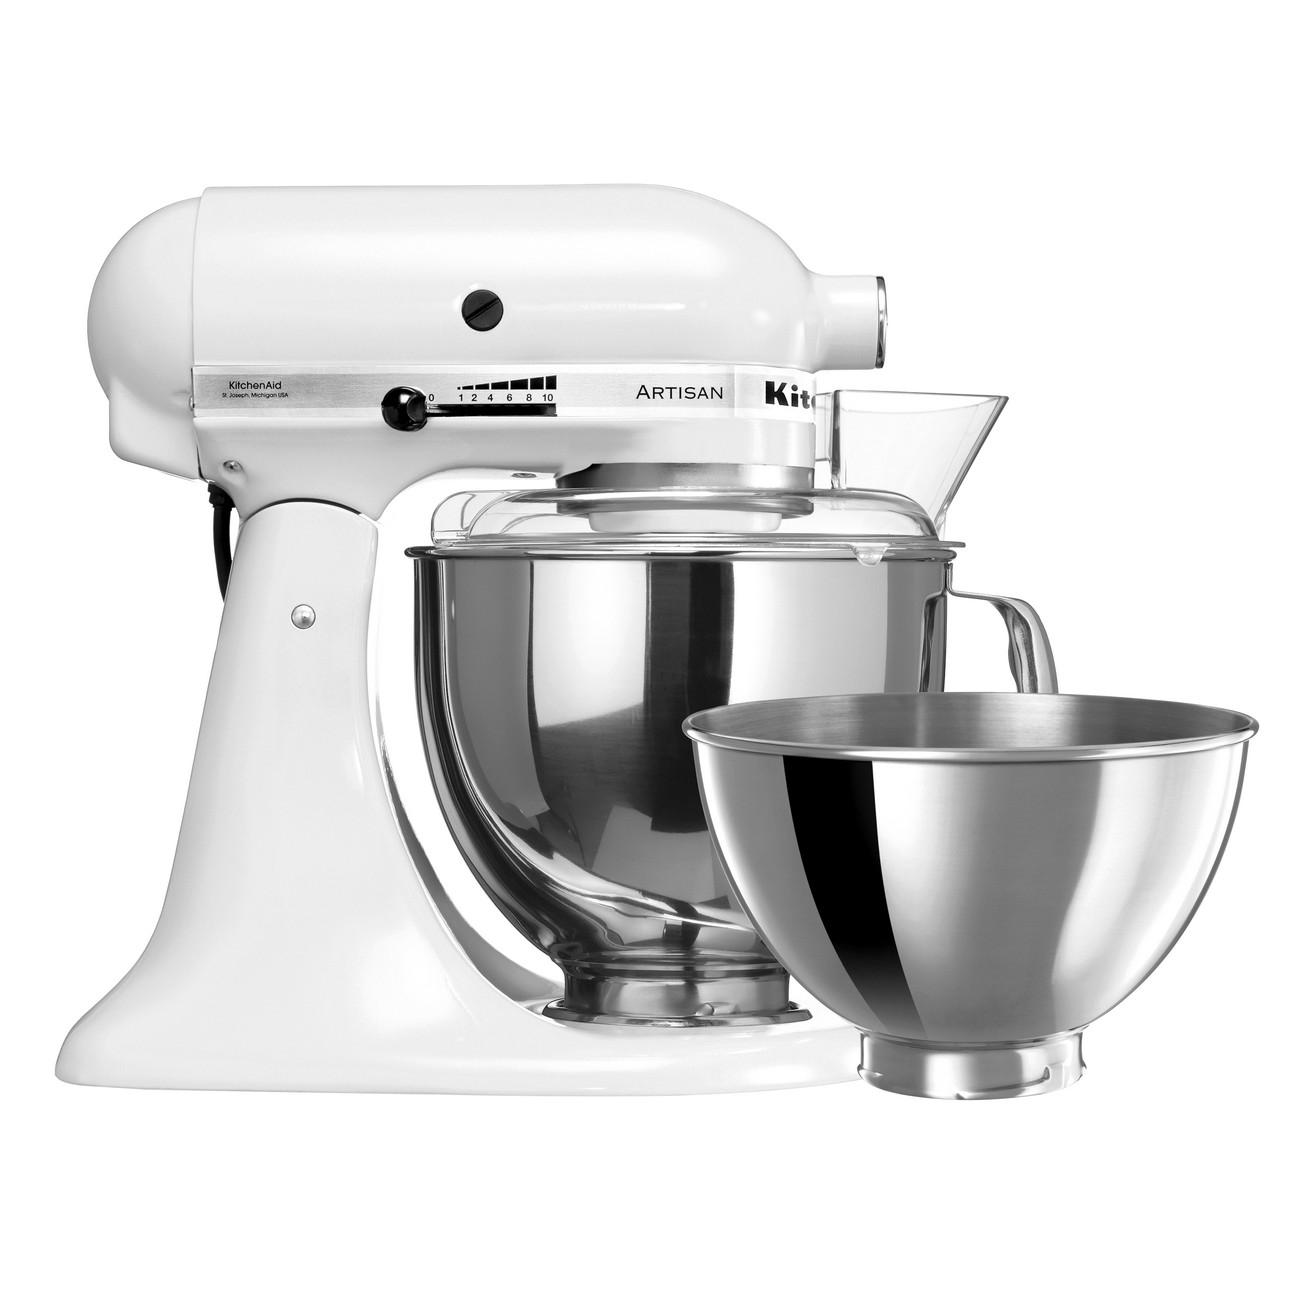 KitchenAid - Artisan KSM160 White Stand Mixer | Peter\'s of Kensington